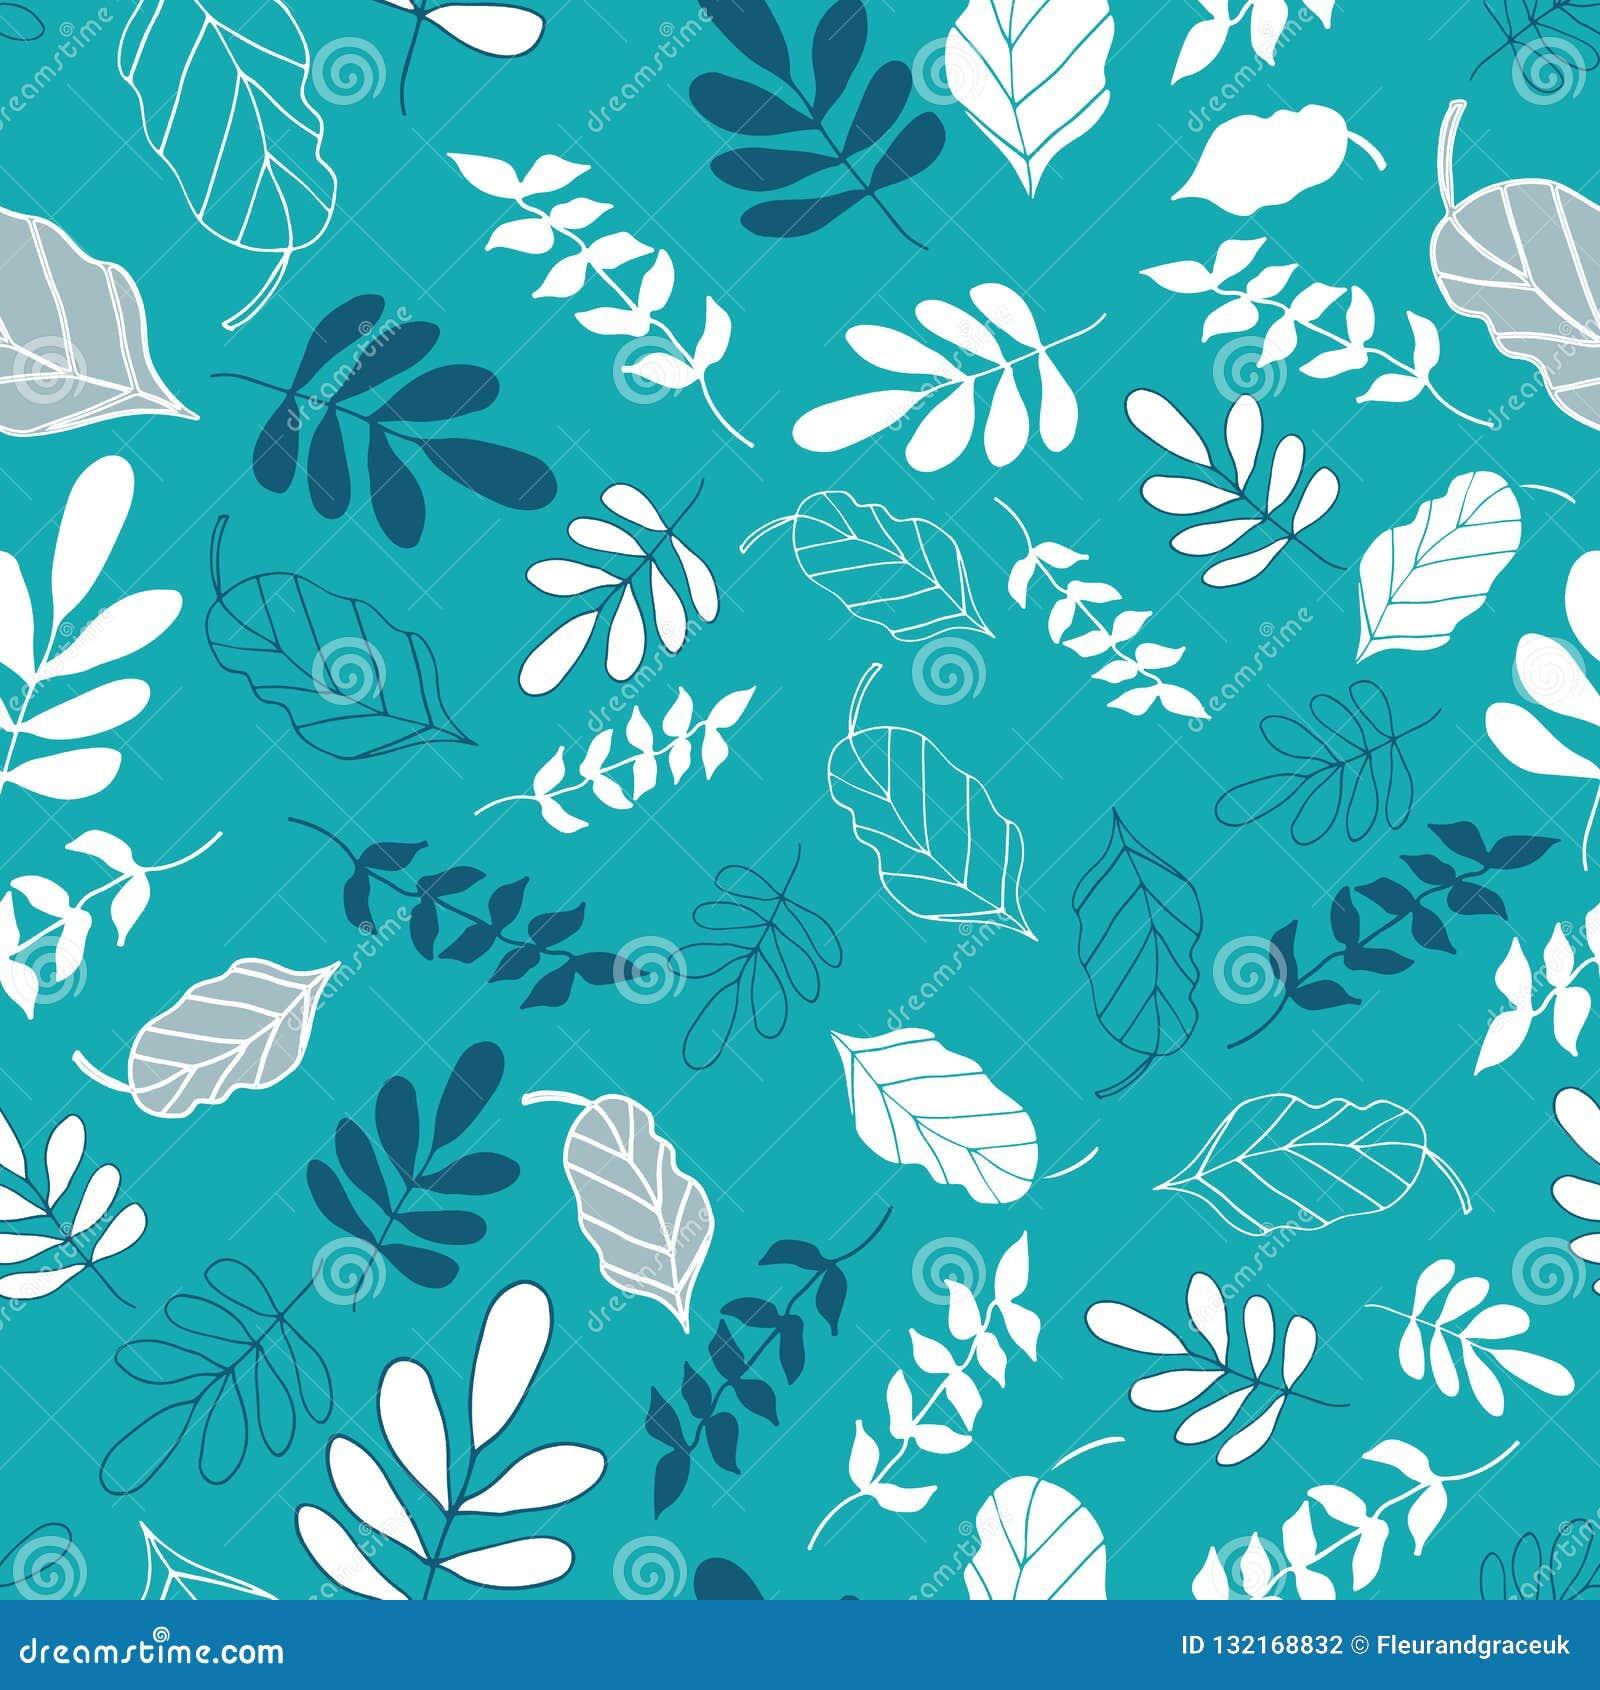 Heller Teal Tossed Floral und Blätter mischen Muster